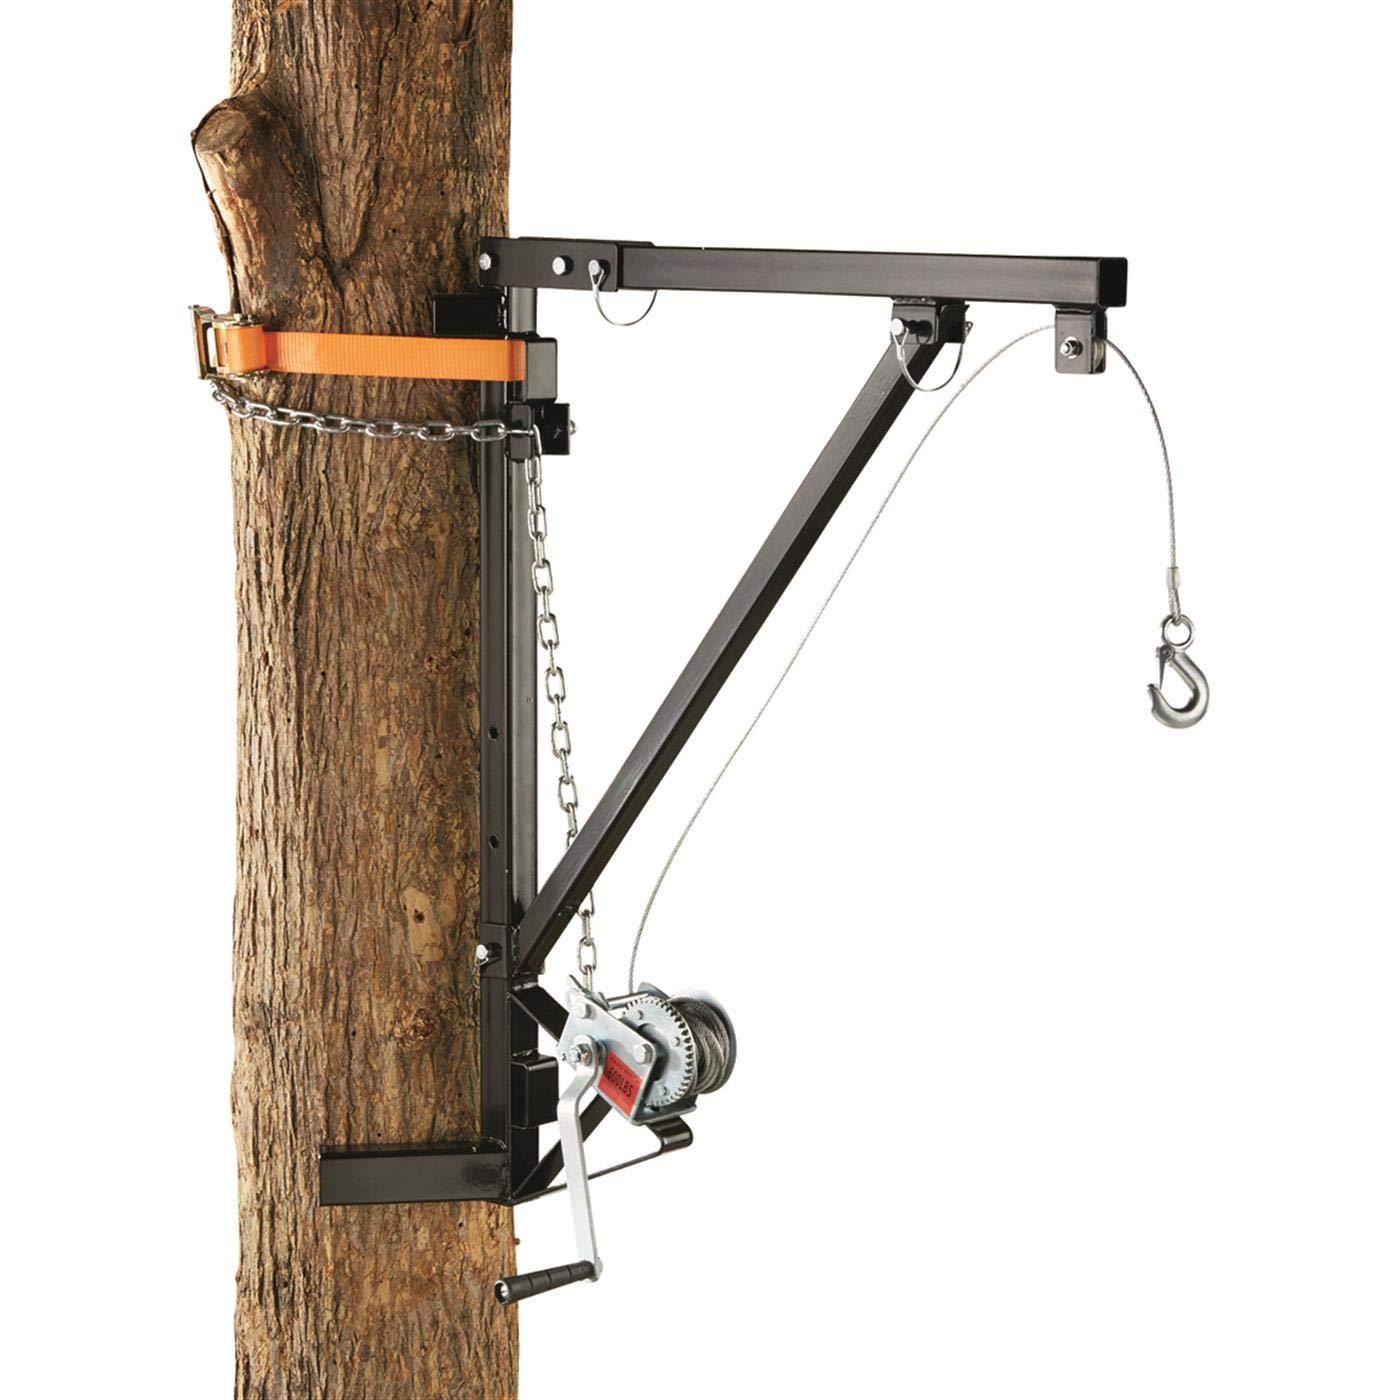 Guide Gear Tree Mounted Deer Hoist by Guide Gear